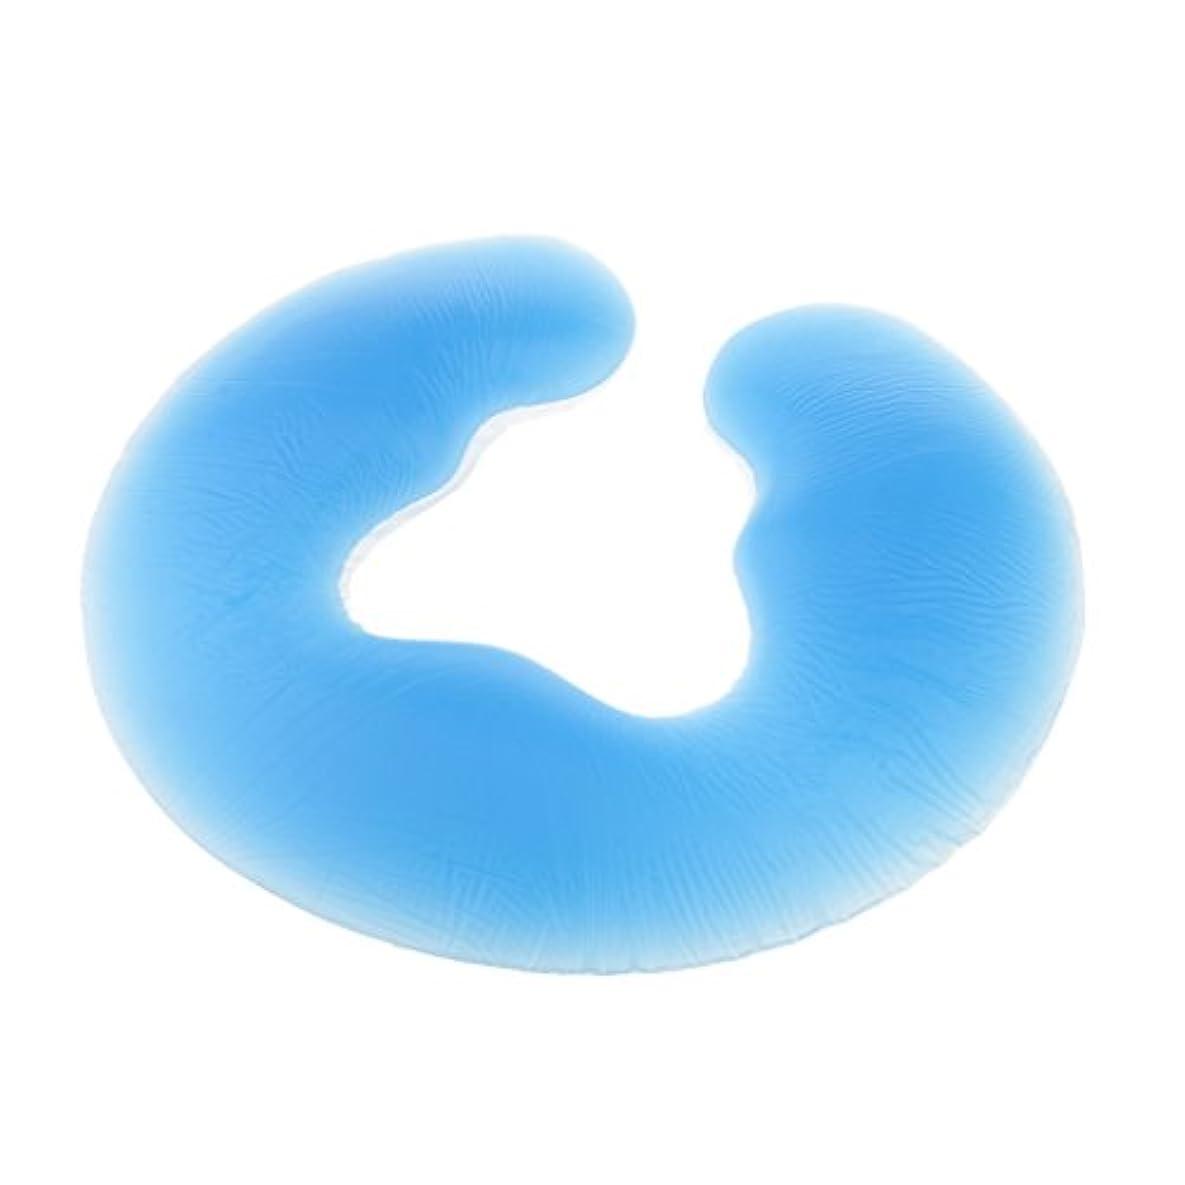 ベッドを作る極地誤解フェイスピロー 枕 ヘッドクッション パッド サロン マッサージピロ 美容サロン 2色選べる - 青